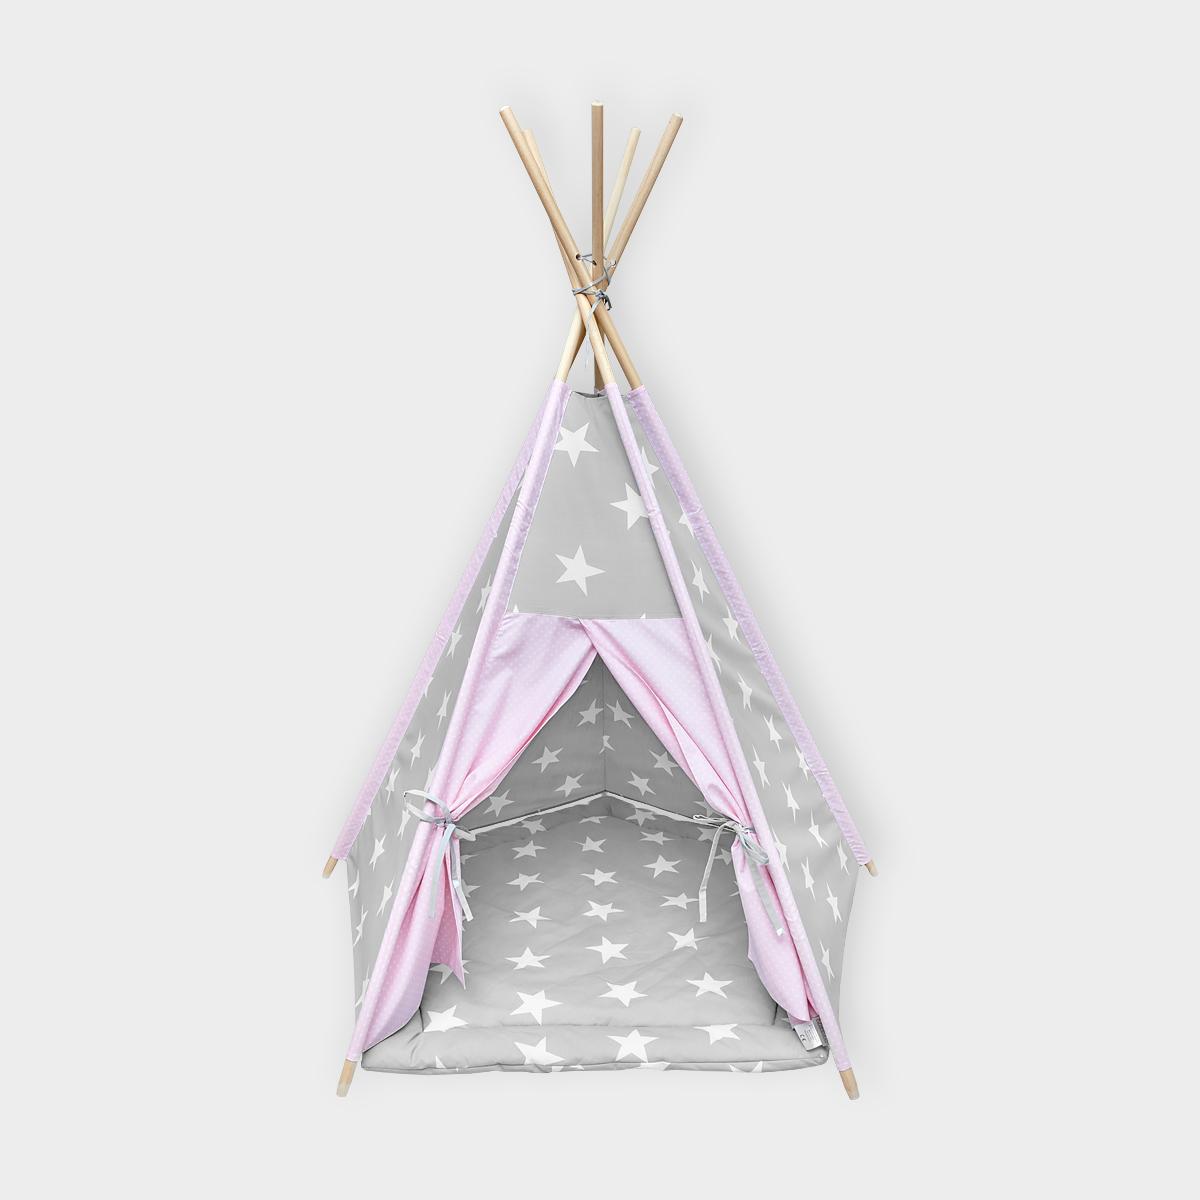 kraftkids spielzelt tipi gro e wei e sterne auf grau und wei e punkte auf rosa inkl spielmatte. Black Bedroom Furniture Sets. Home Design Ideas